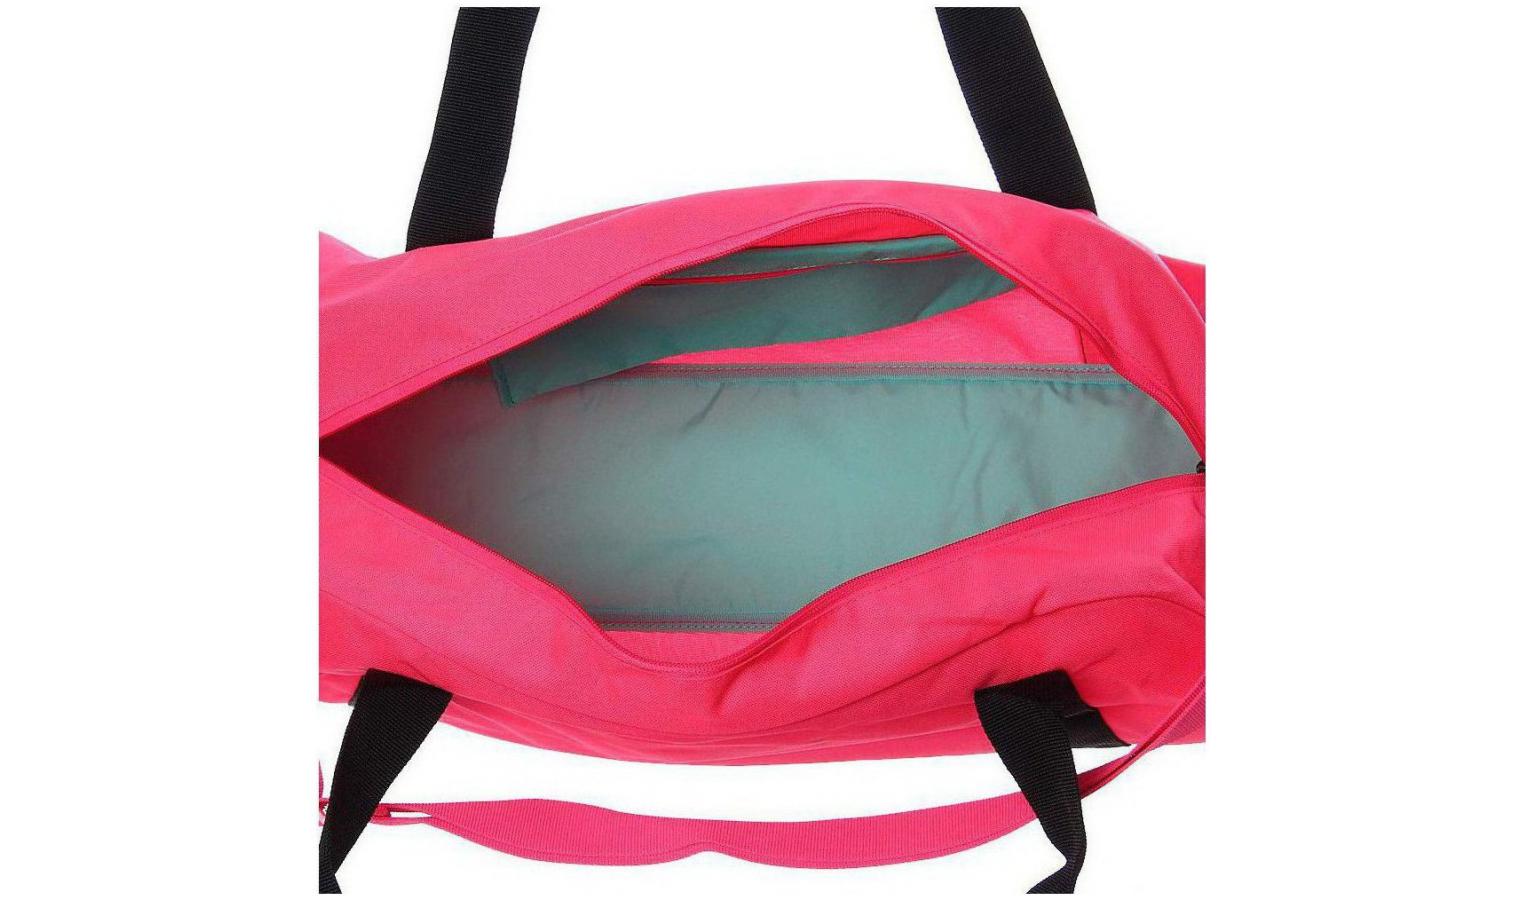 0ba2b54057 Dámská taška GYM CLUB TRAINING DUFFEL BAG růžová